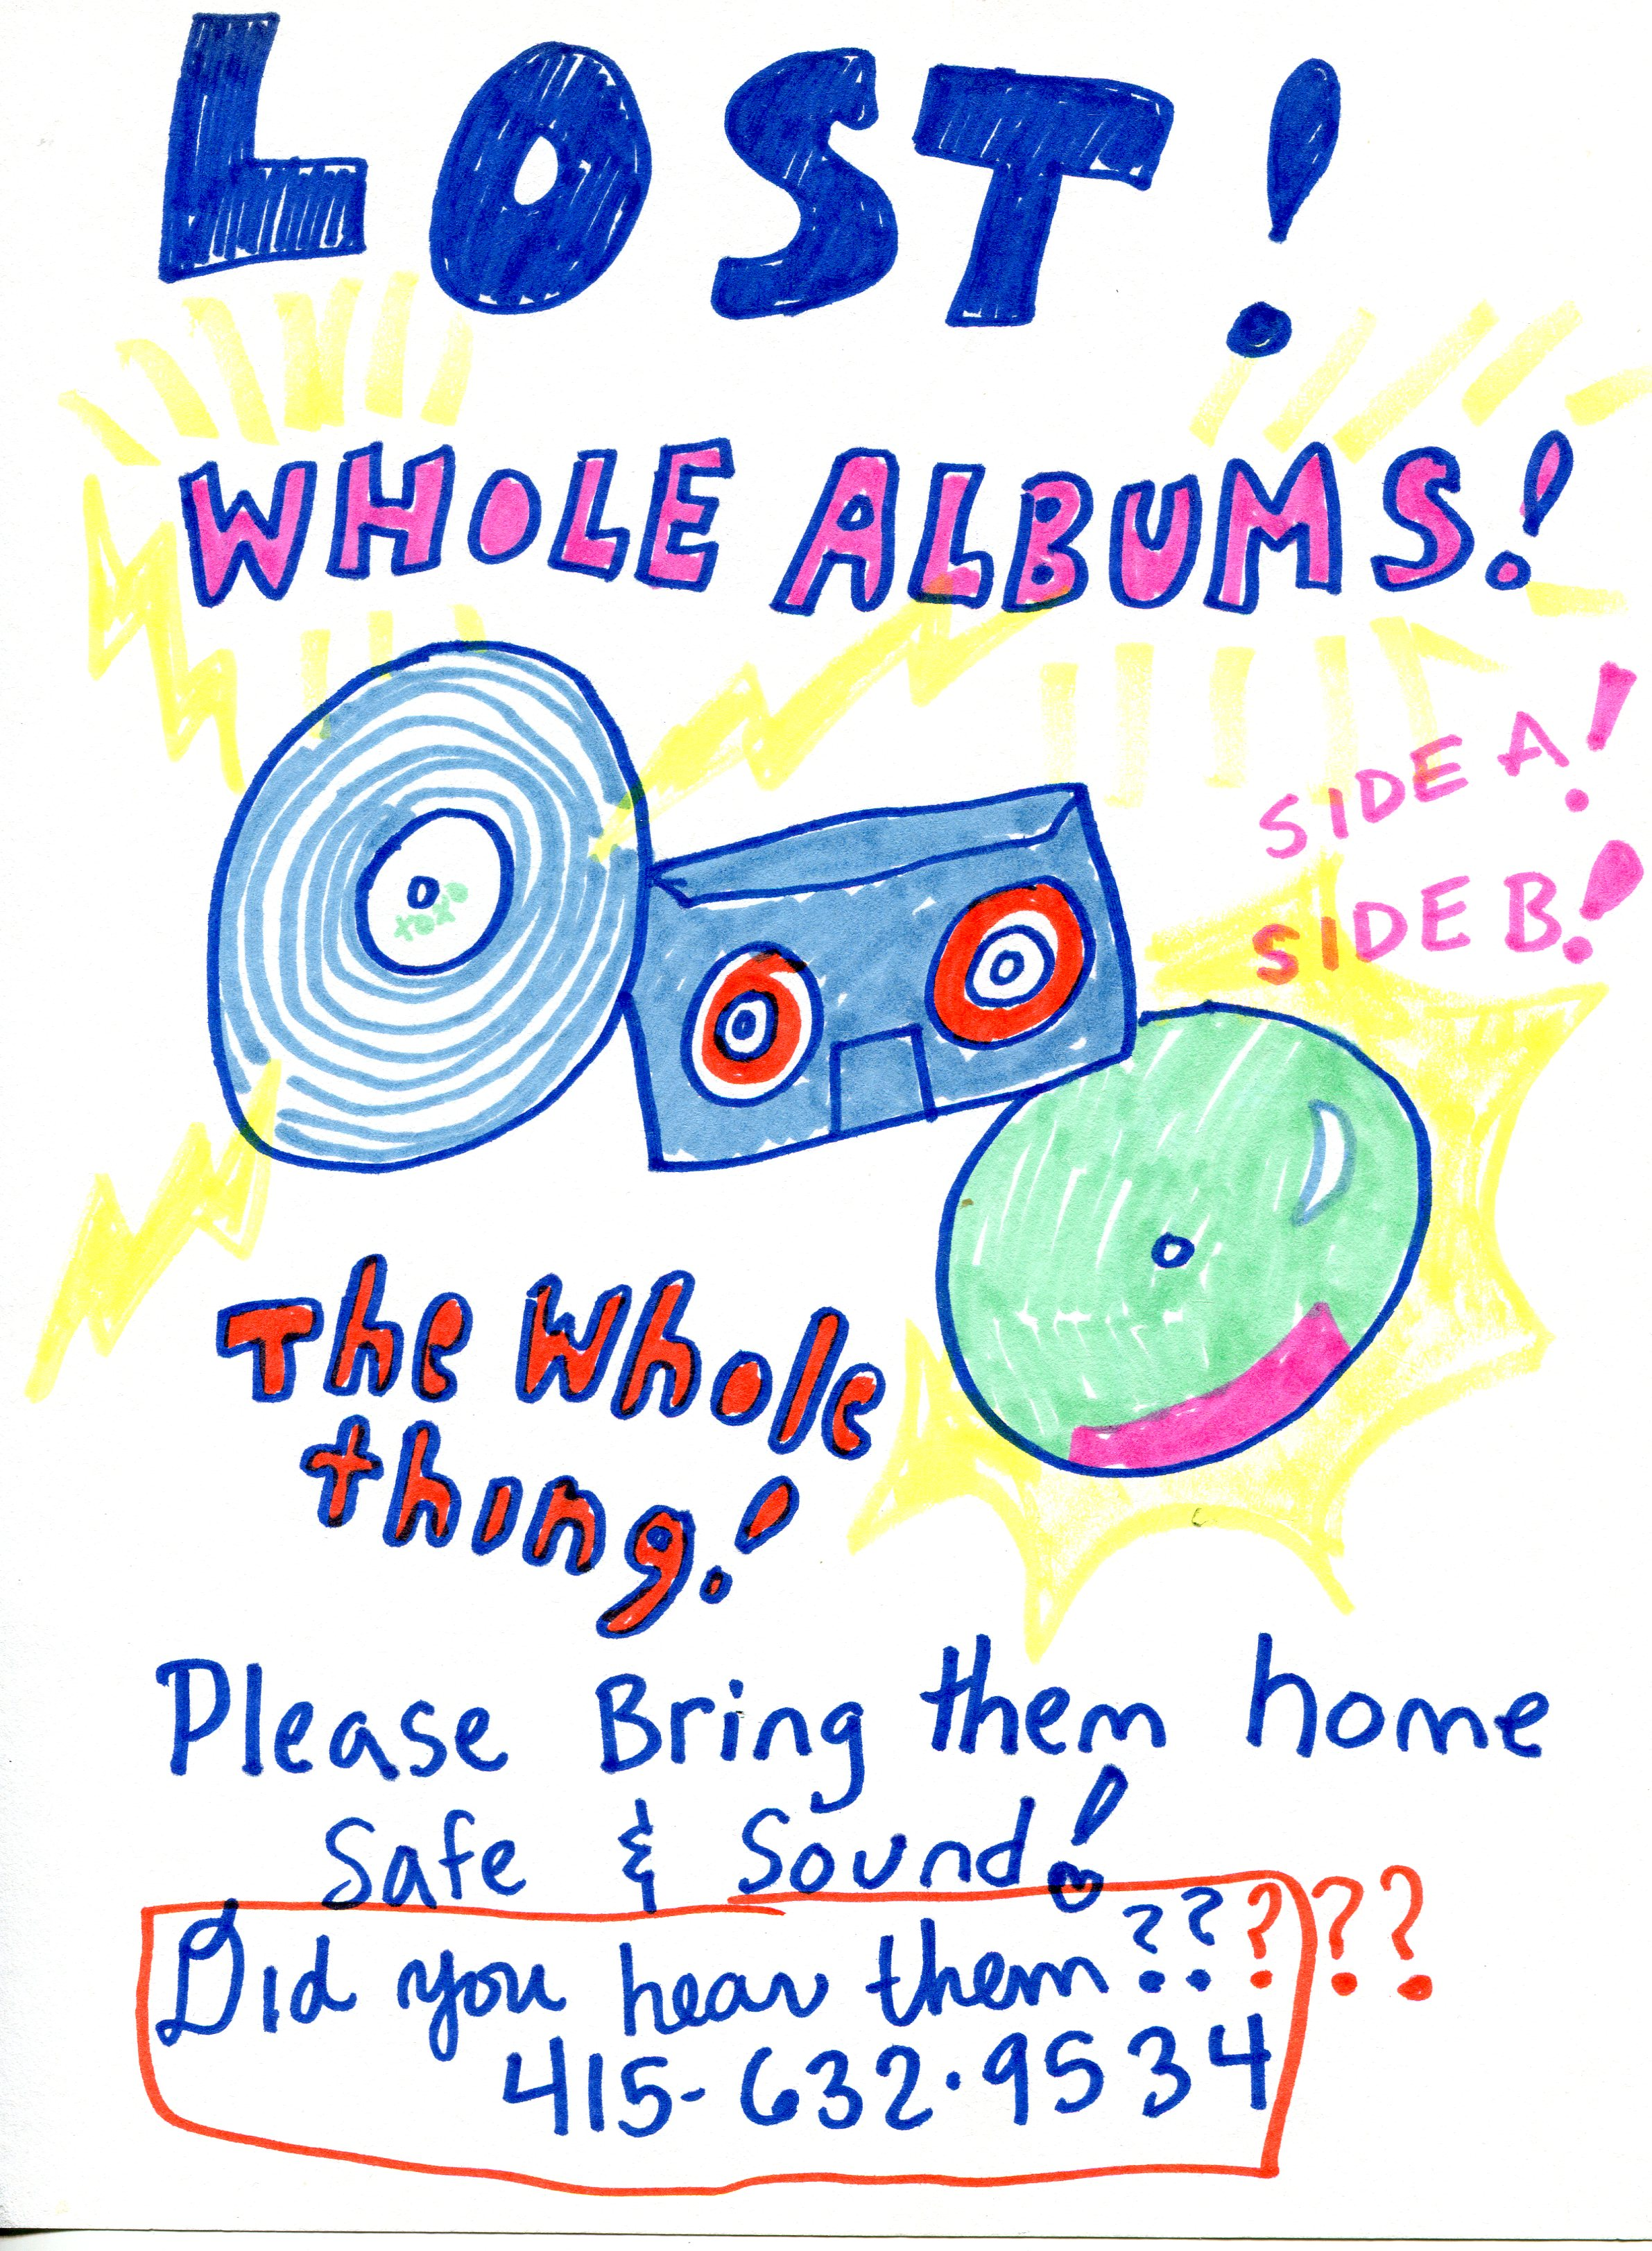 wholealbums.jpg